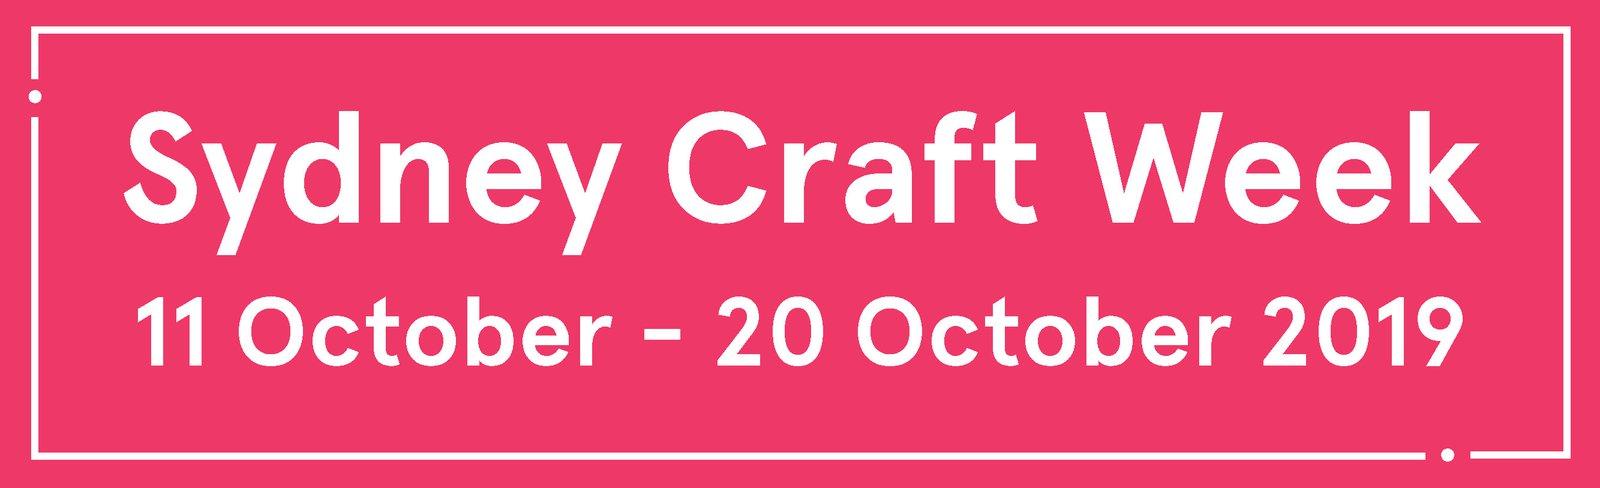 Sydney Craft Week 2019